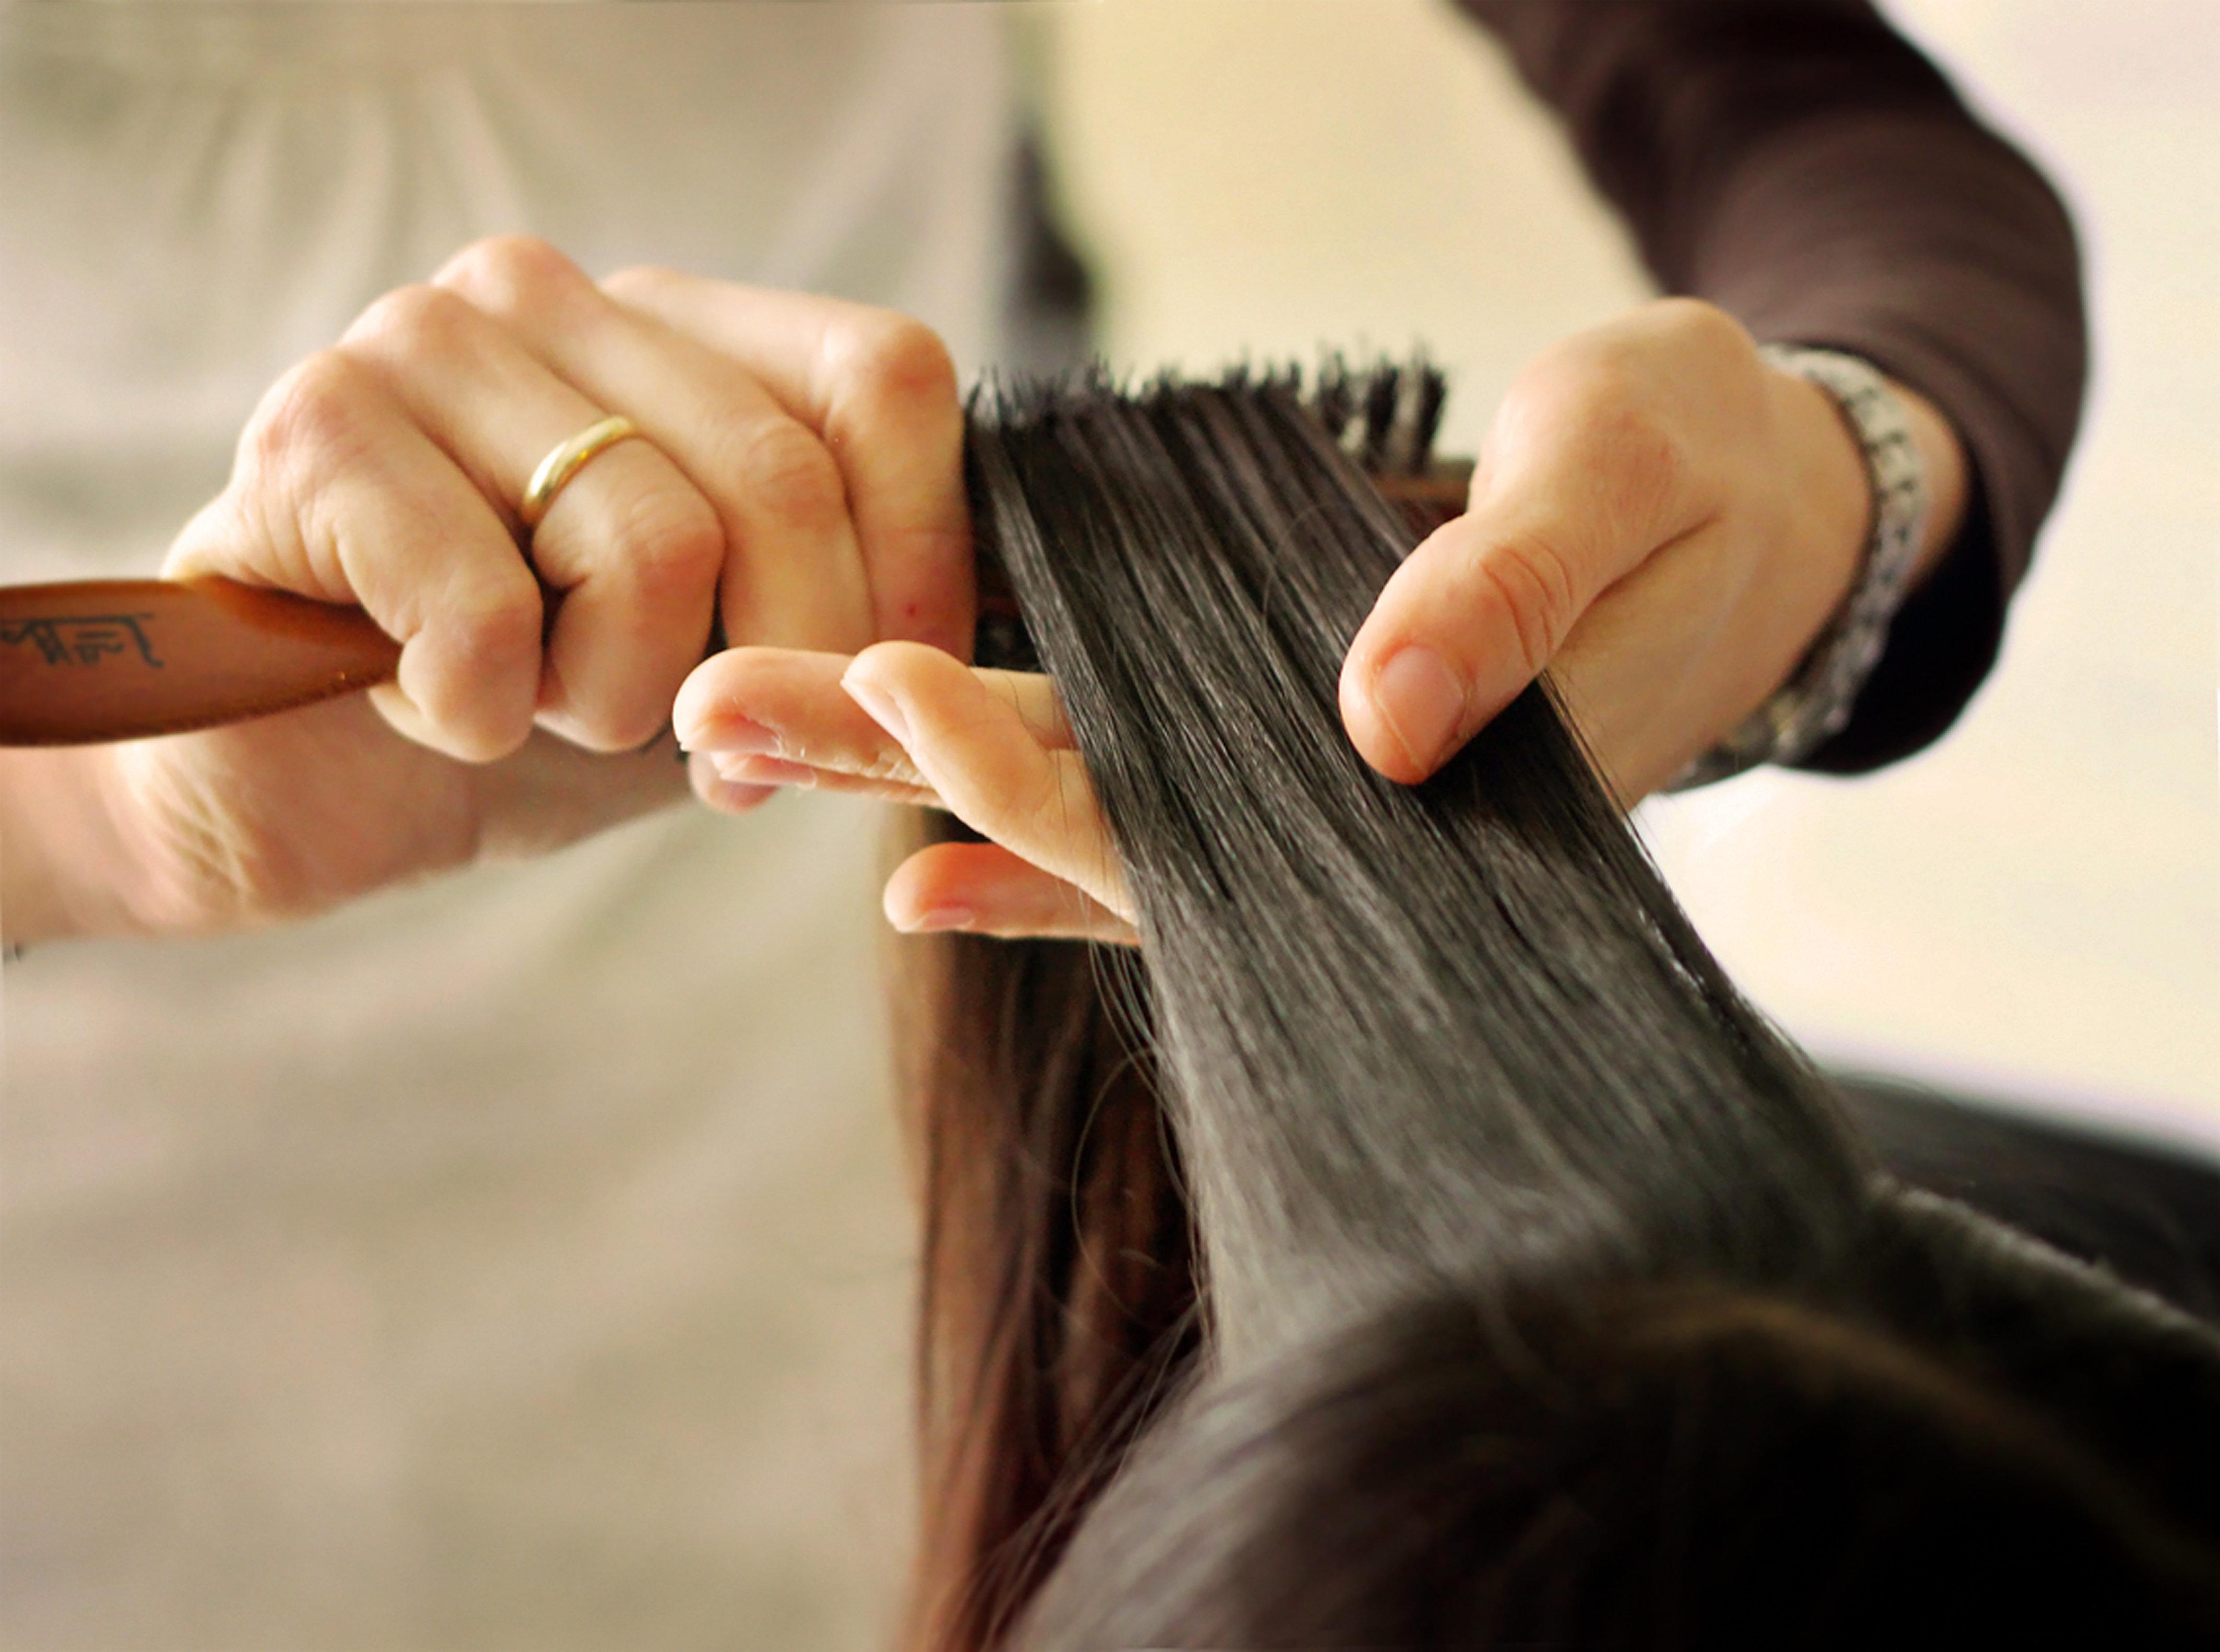 Primer plano de unas manos gentiles cepillando un mechón de cabello moreno/castaño oscuro, liso, sedoso y largo, de aspecto fuerte y sano.